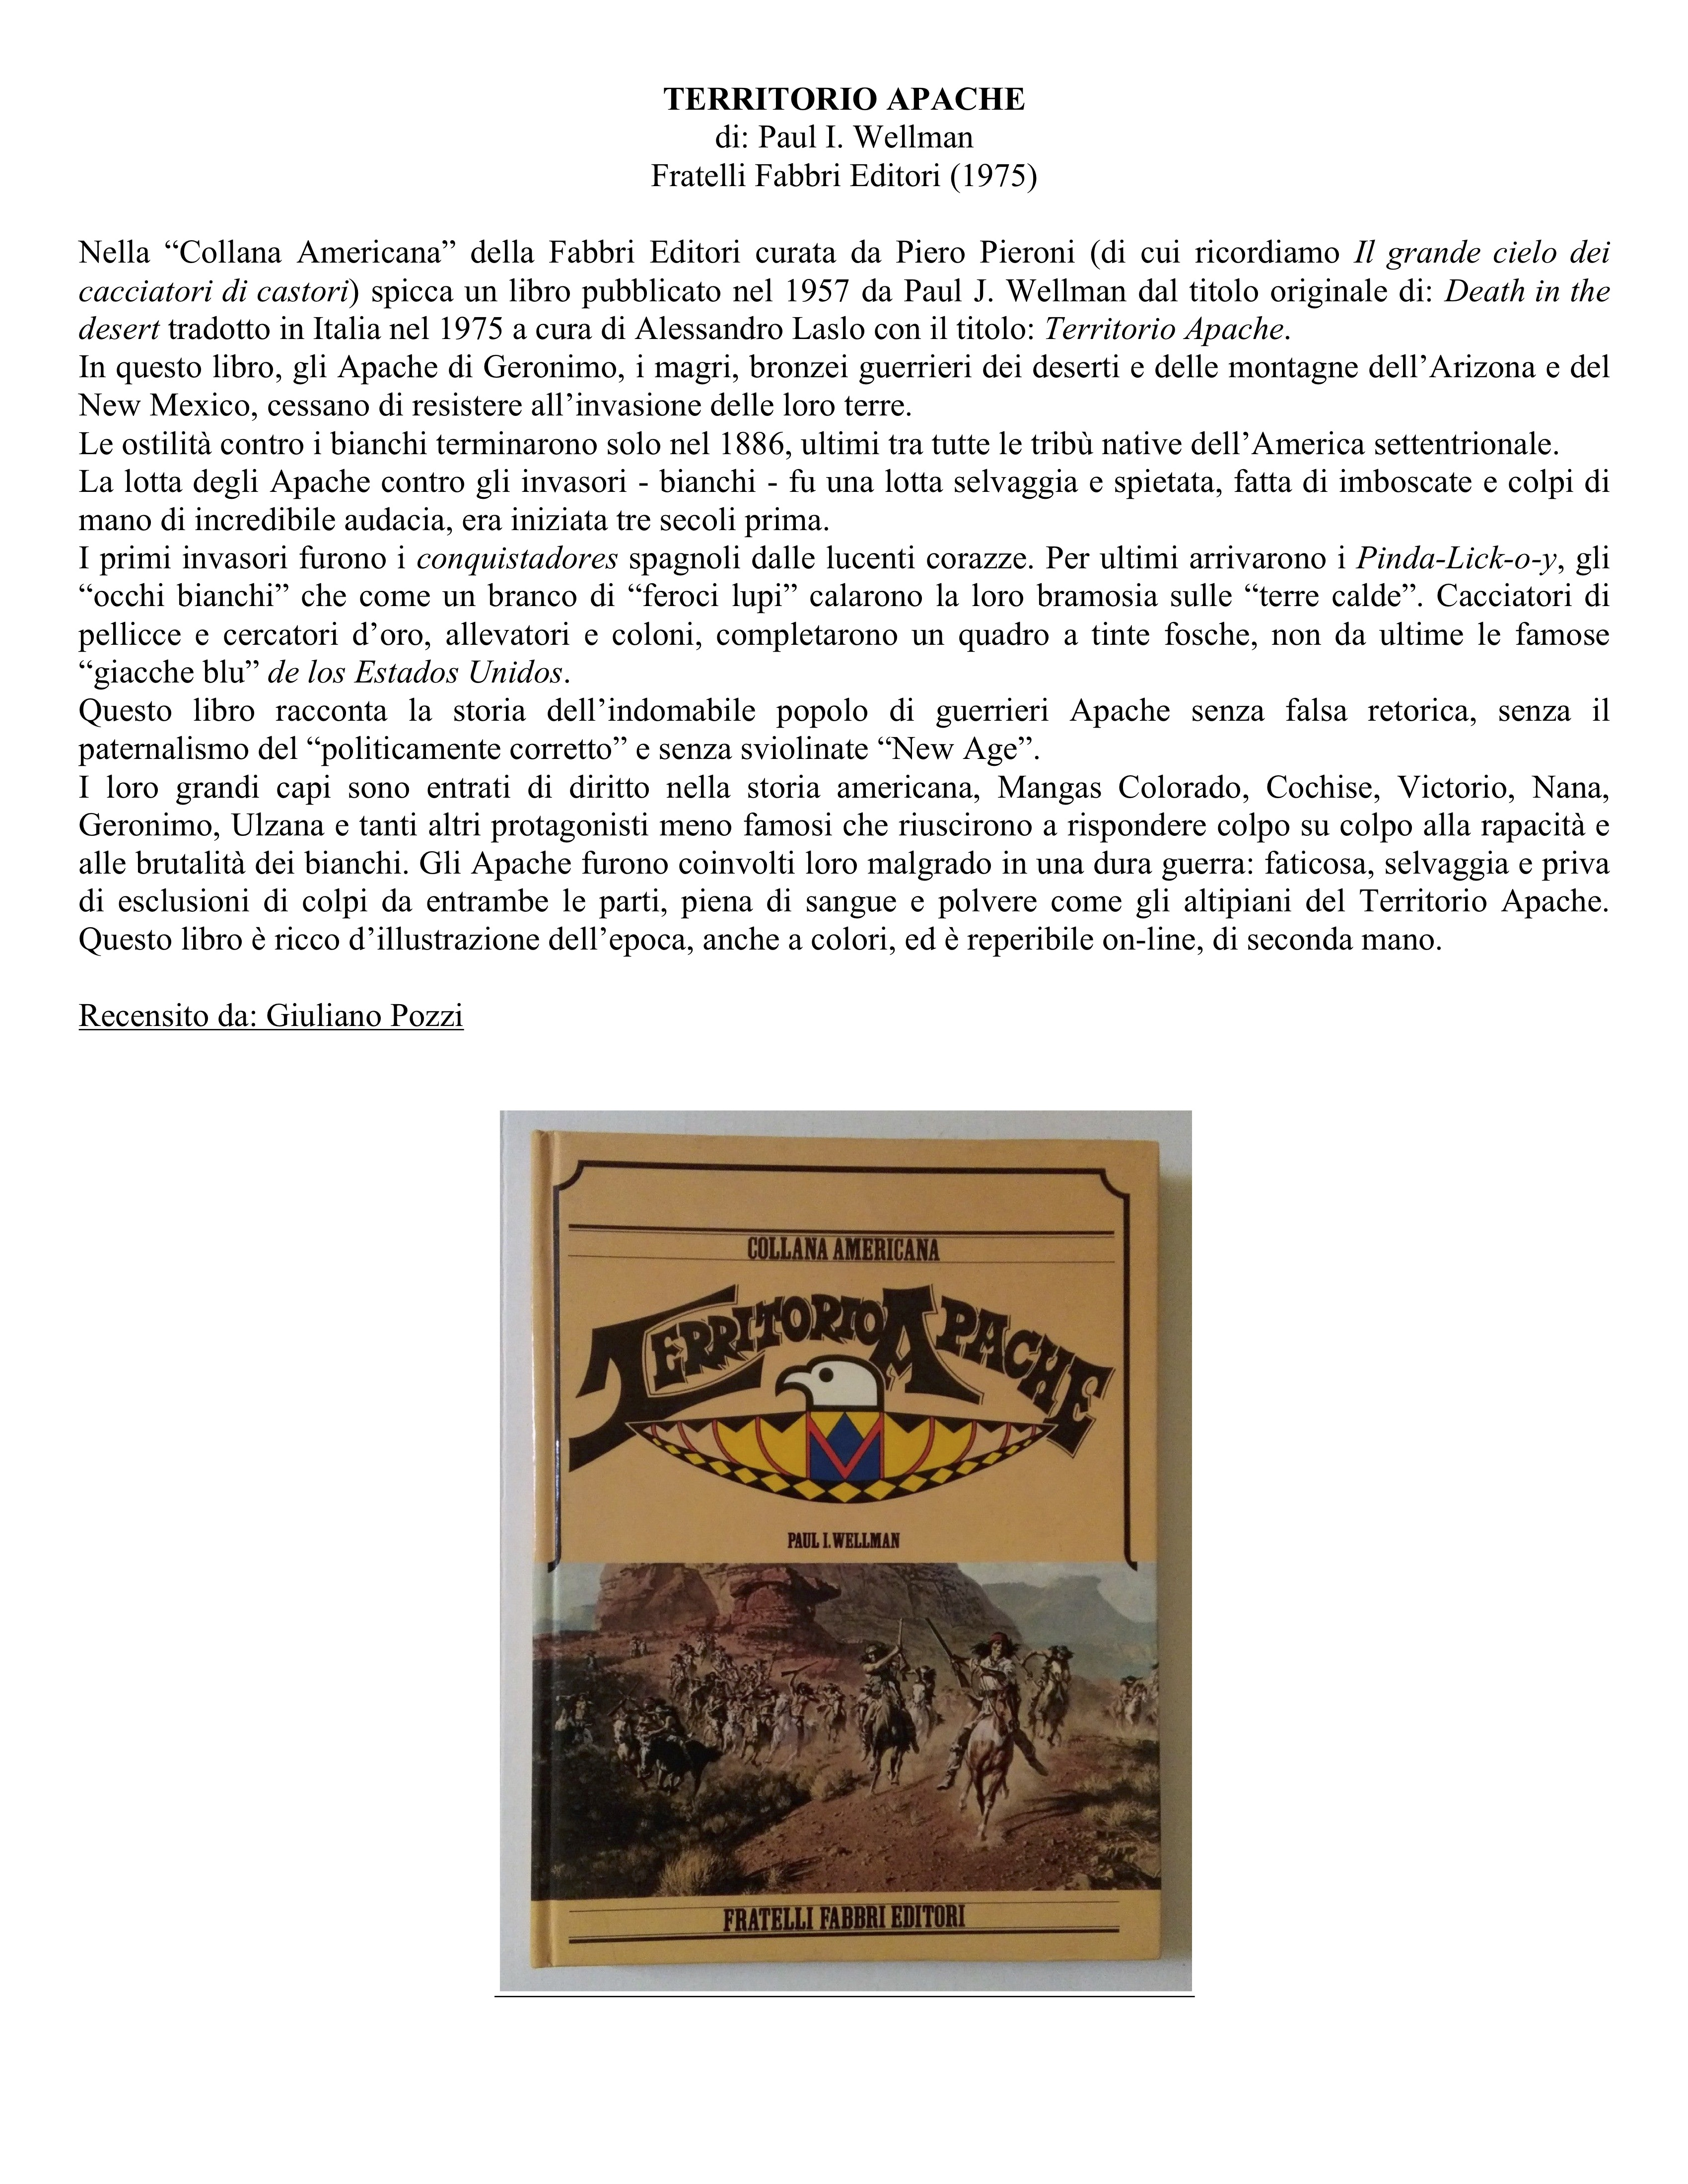 Territorio Apache, di Paul I. Wellman, Fratelli Fabbri Editori (1975)